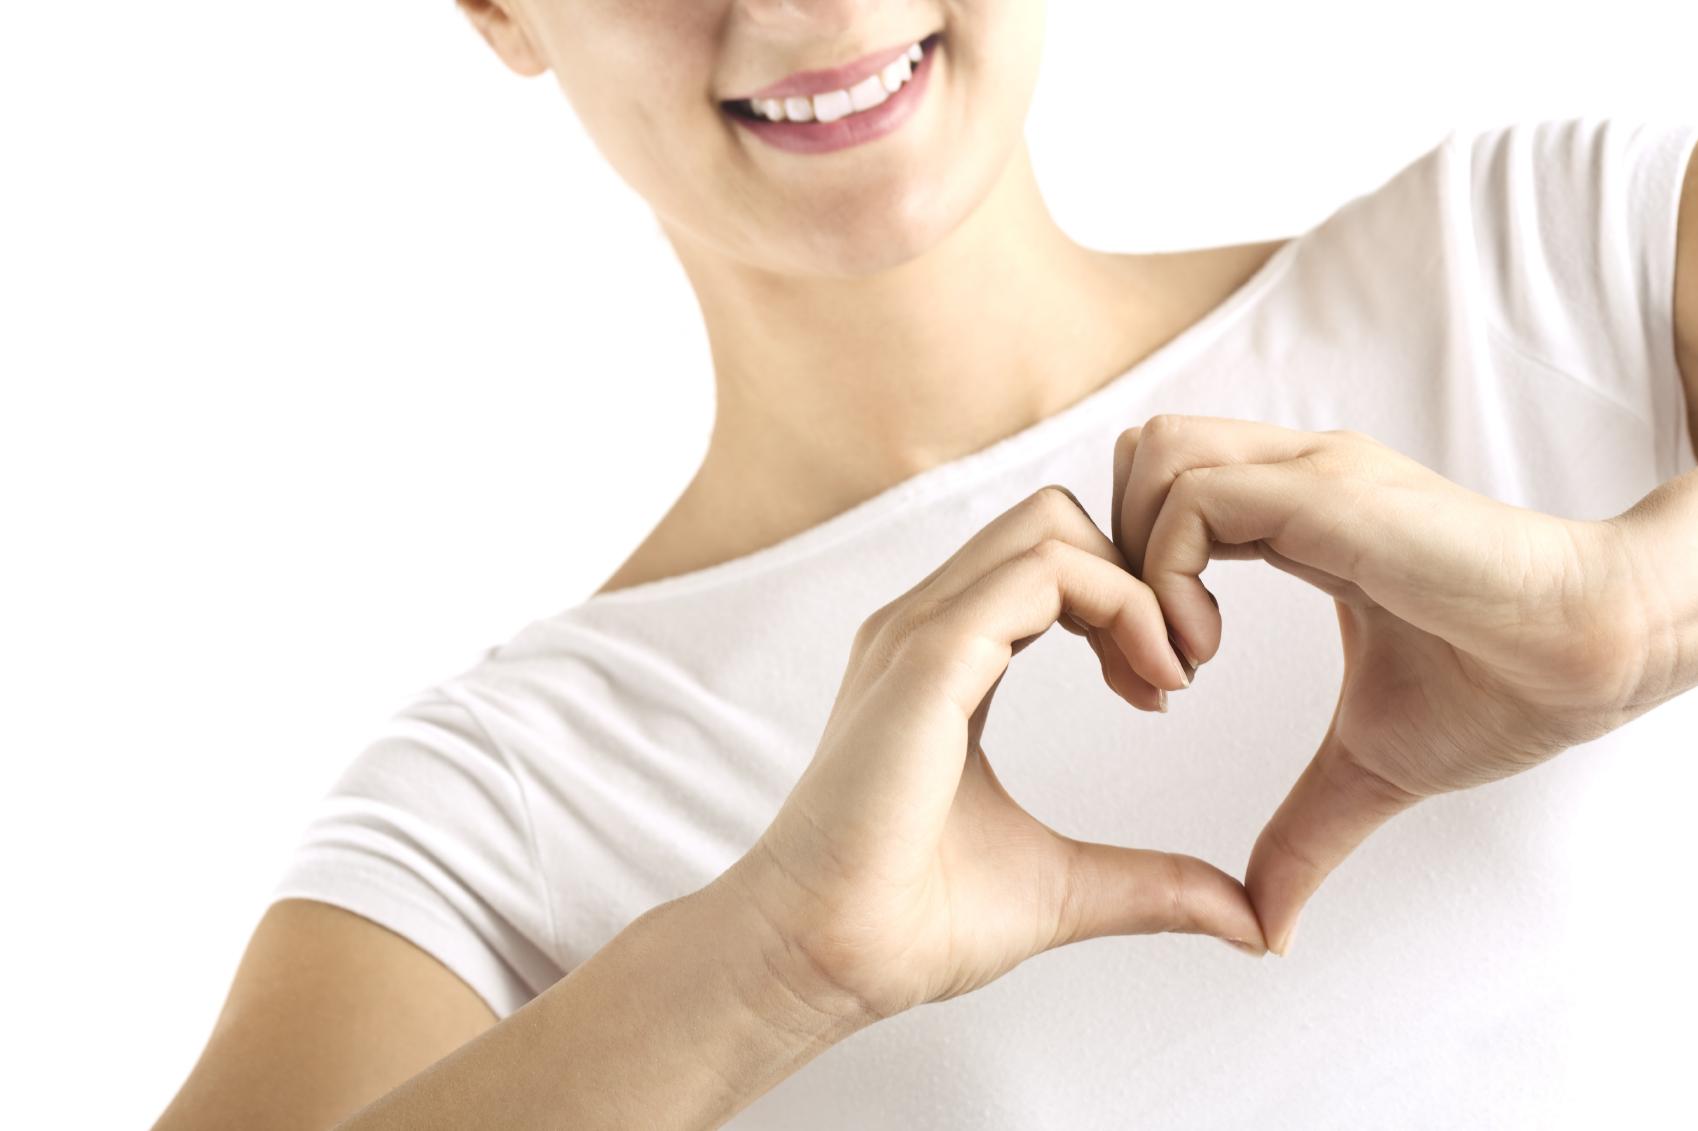 5-maniere-naturelles-de-baisser-le-cholesterol